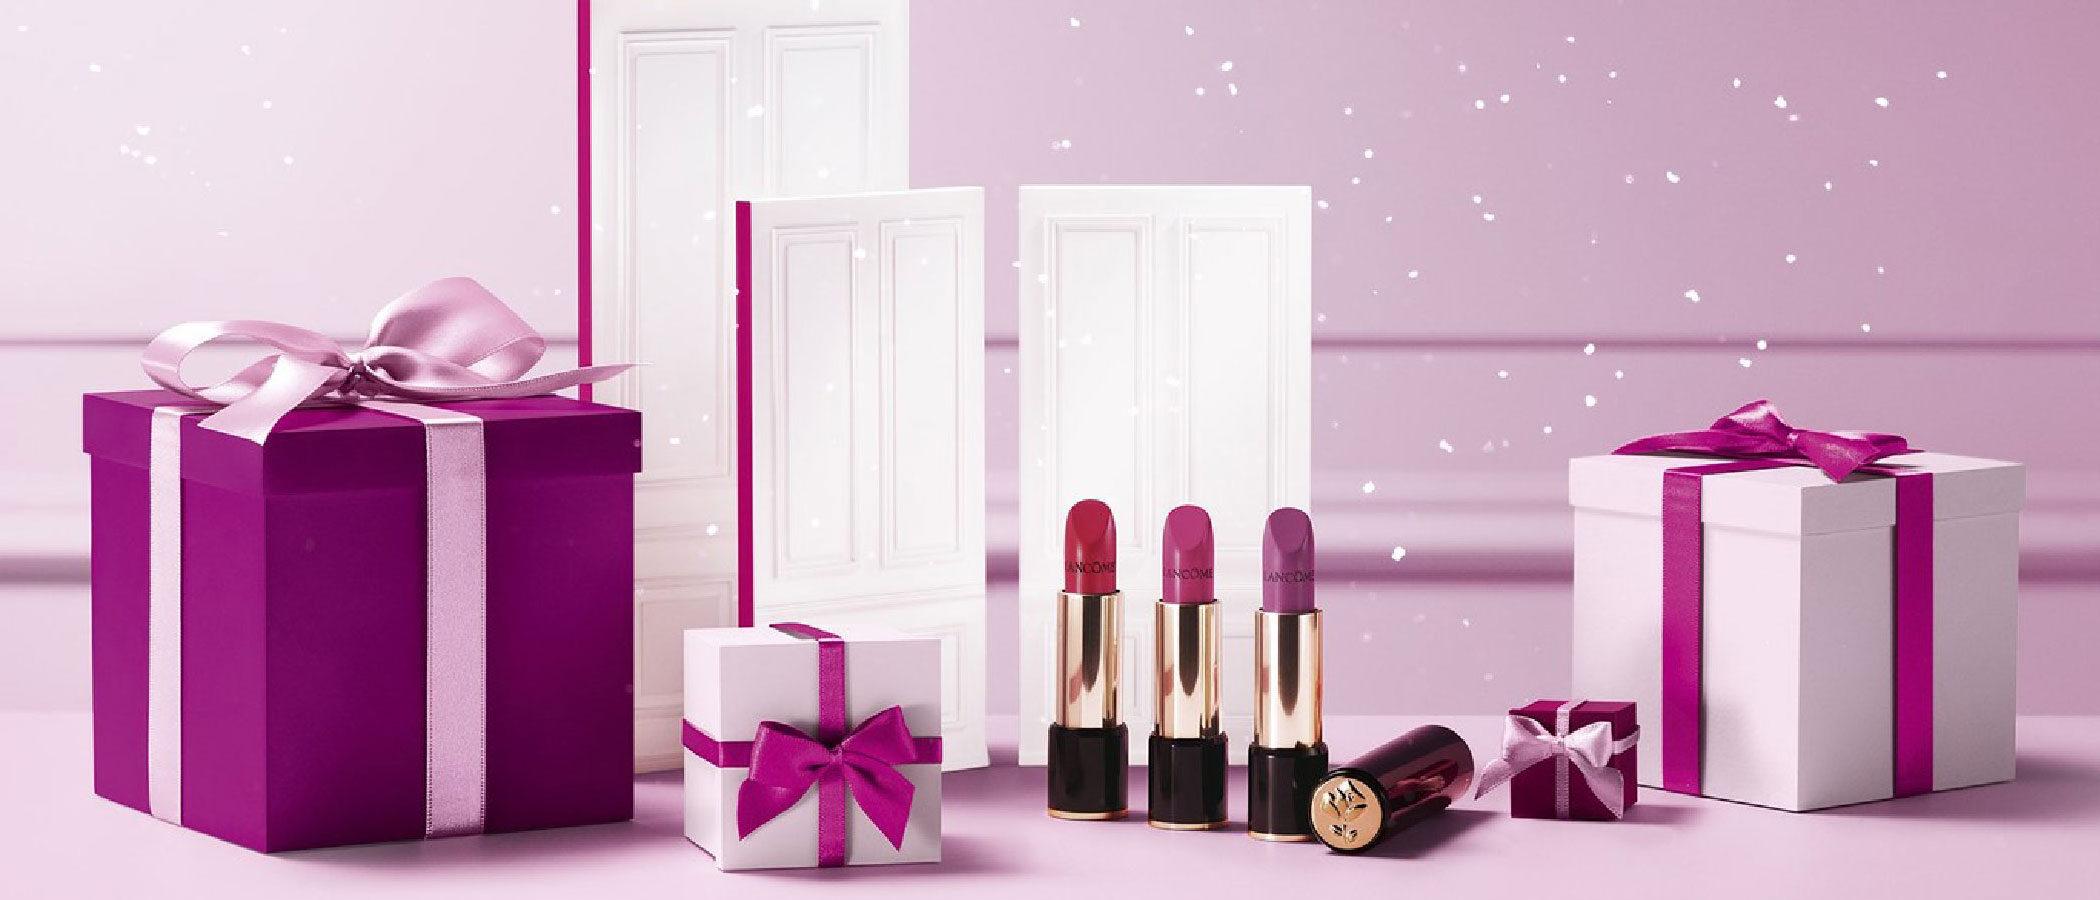 Lancôme lanza una colección navideña 2016, creación de Lisa Eldridge